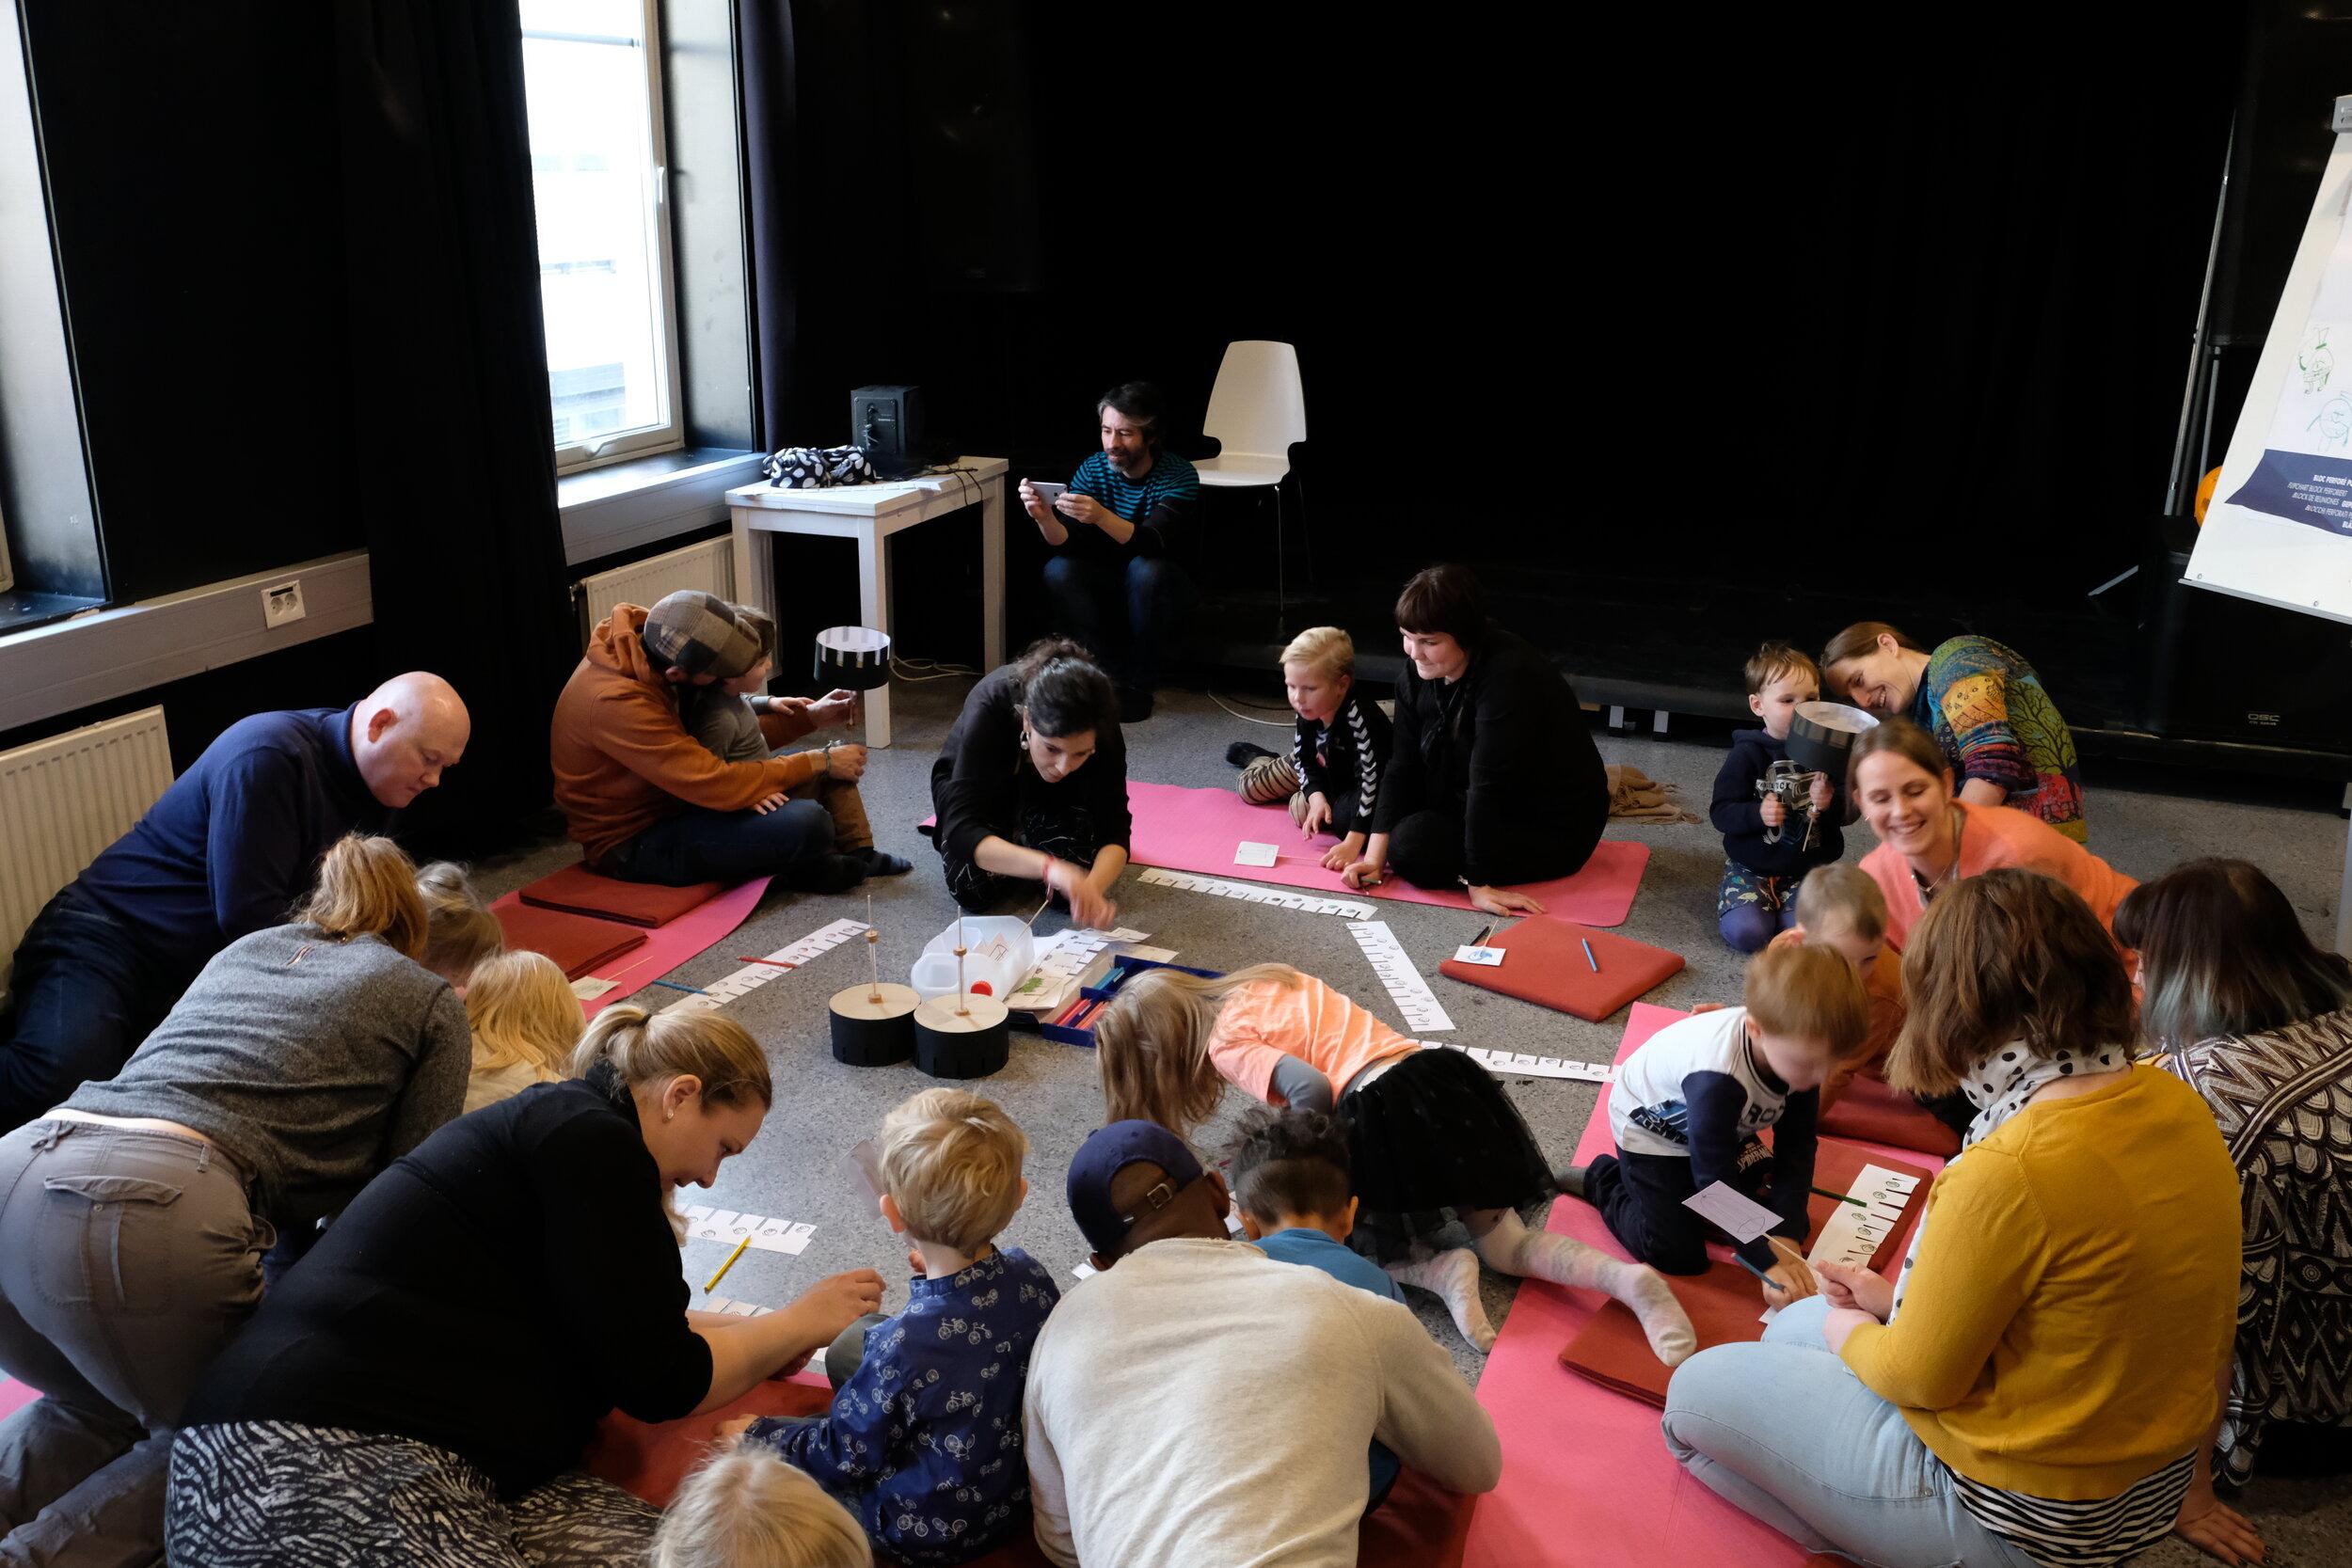 kunstverksted for barn 2 Foto Gunnar Holmstad.JPG